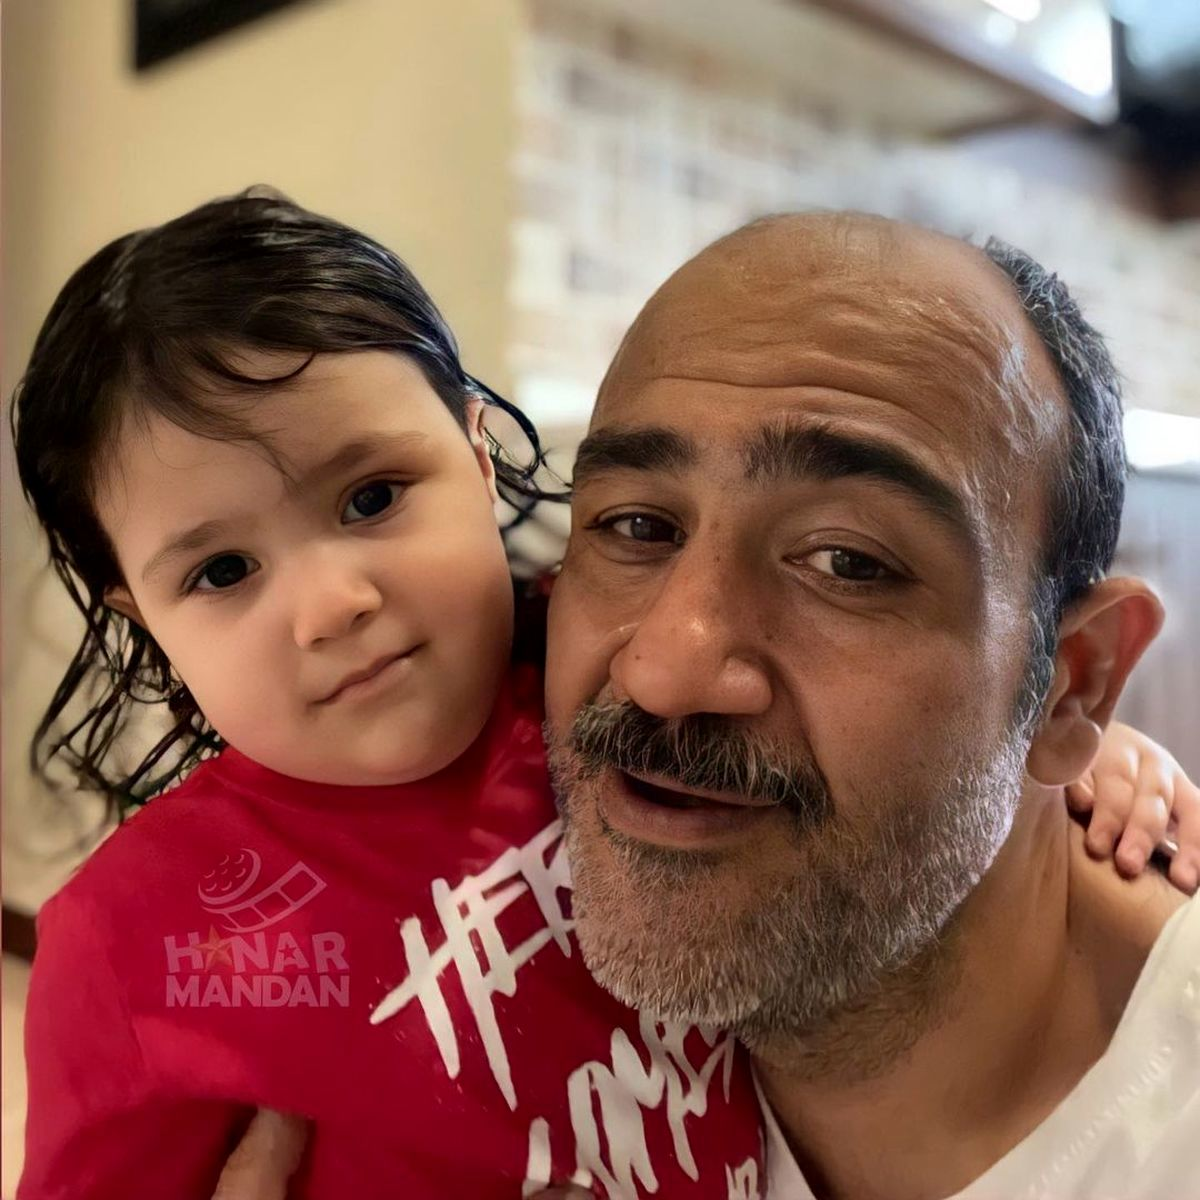 یک عکس ناراحت کننده دیگر از بیماری مهران غفوریان | مهران غفوریان و همسرش